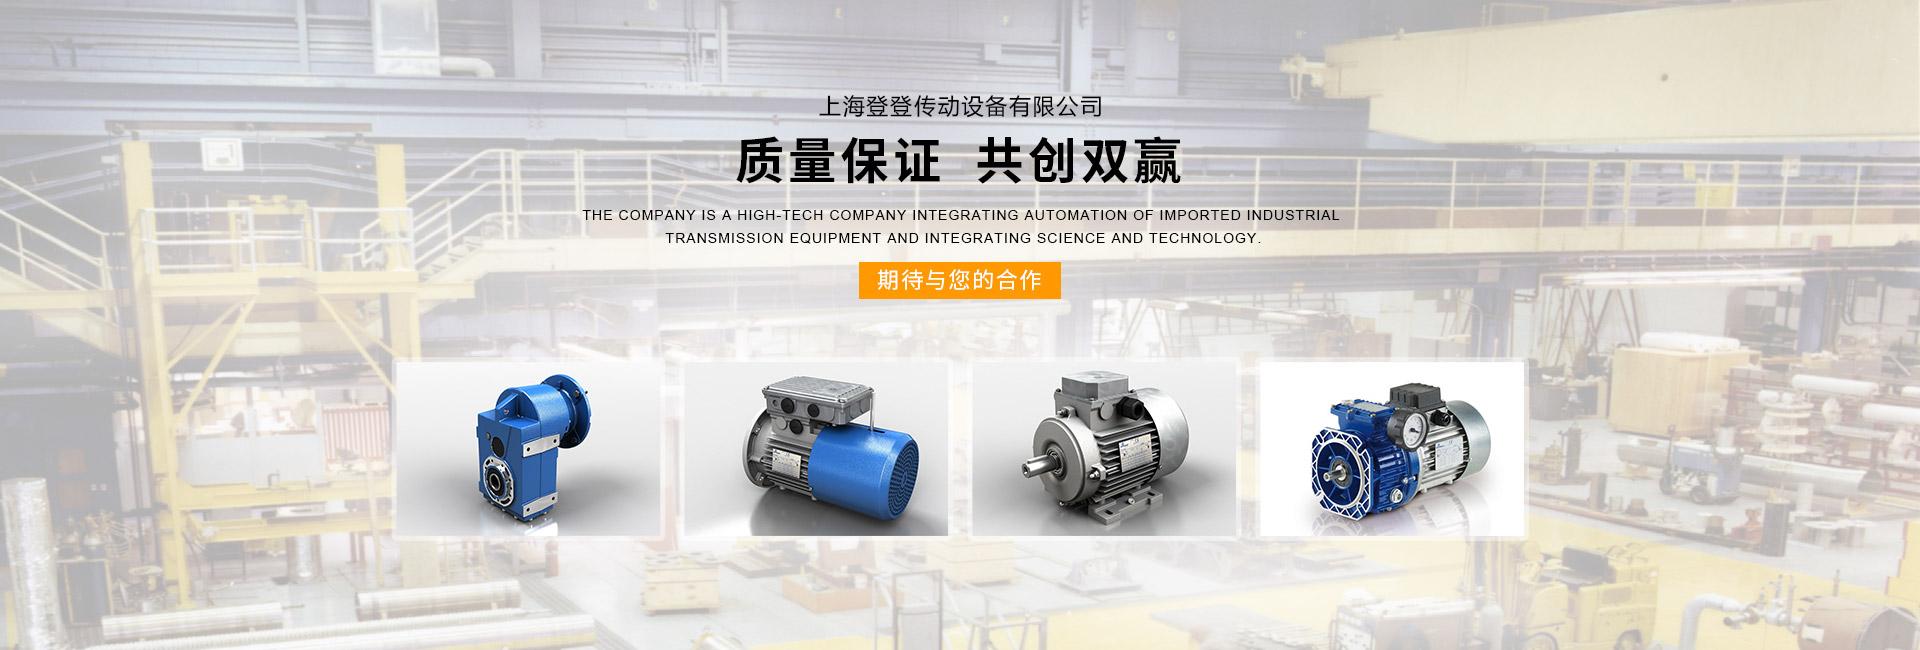 上海登登传动设备有限公司